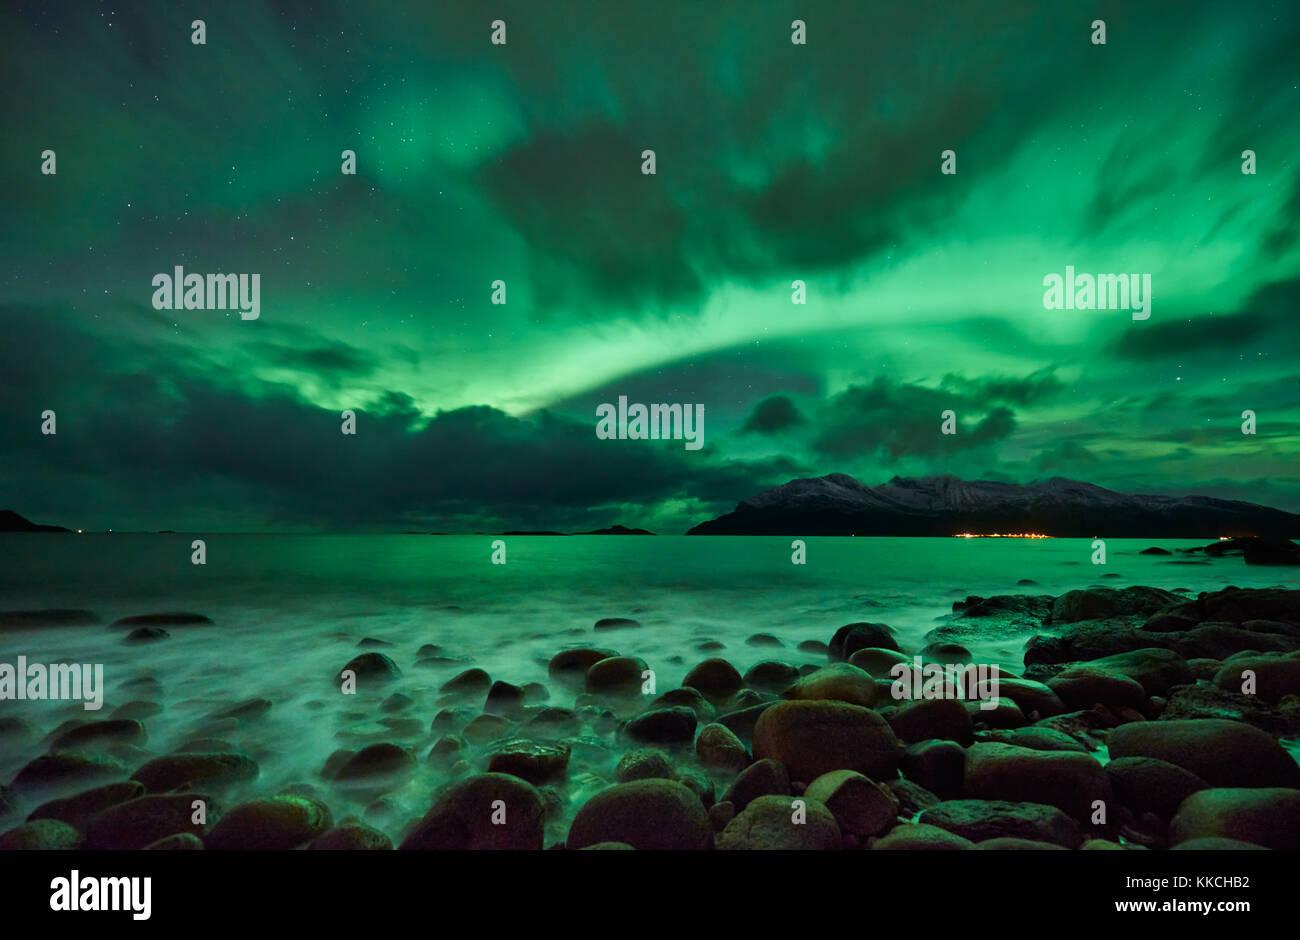 Aurora Boreale o luci del nord oltre il paesaggio invernale nel fiordo di Kaldfjord, Tromvik, Tromso, Troms, Norvegia, Foto Stock